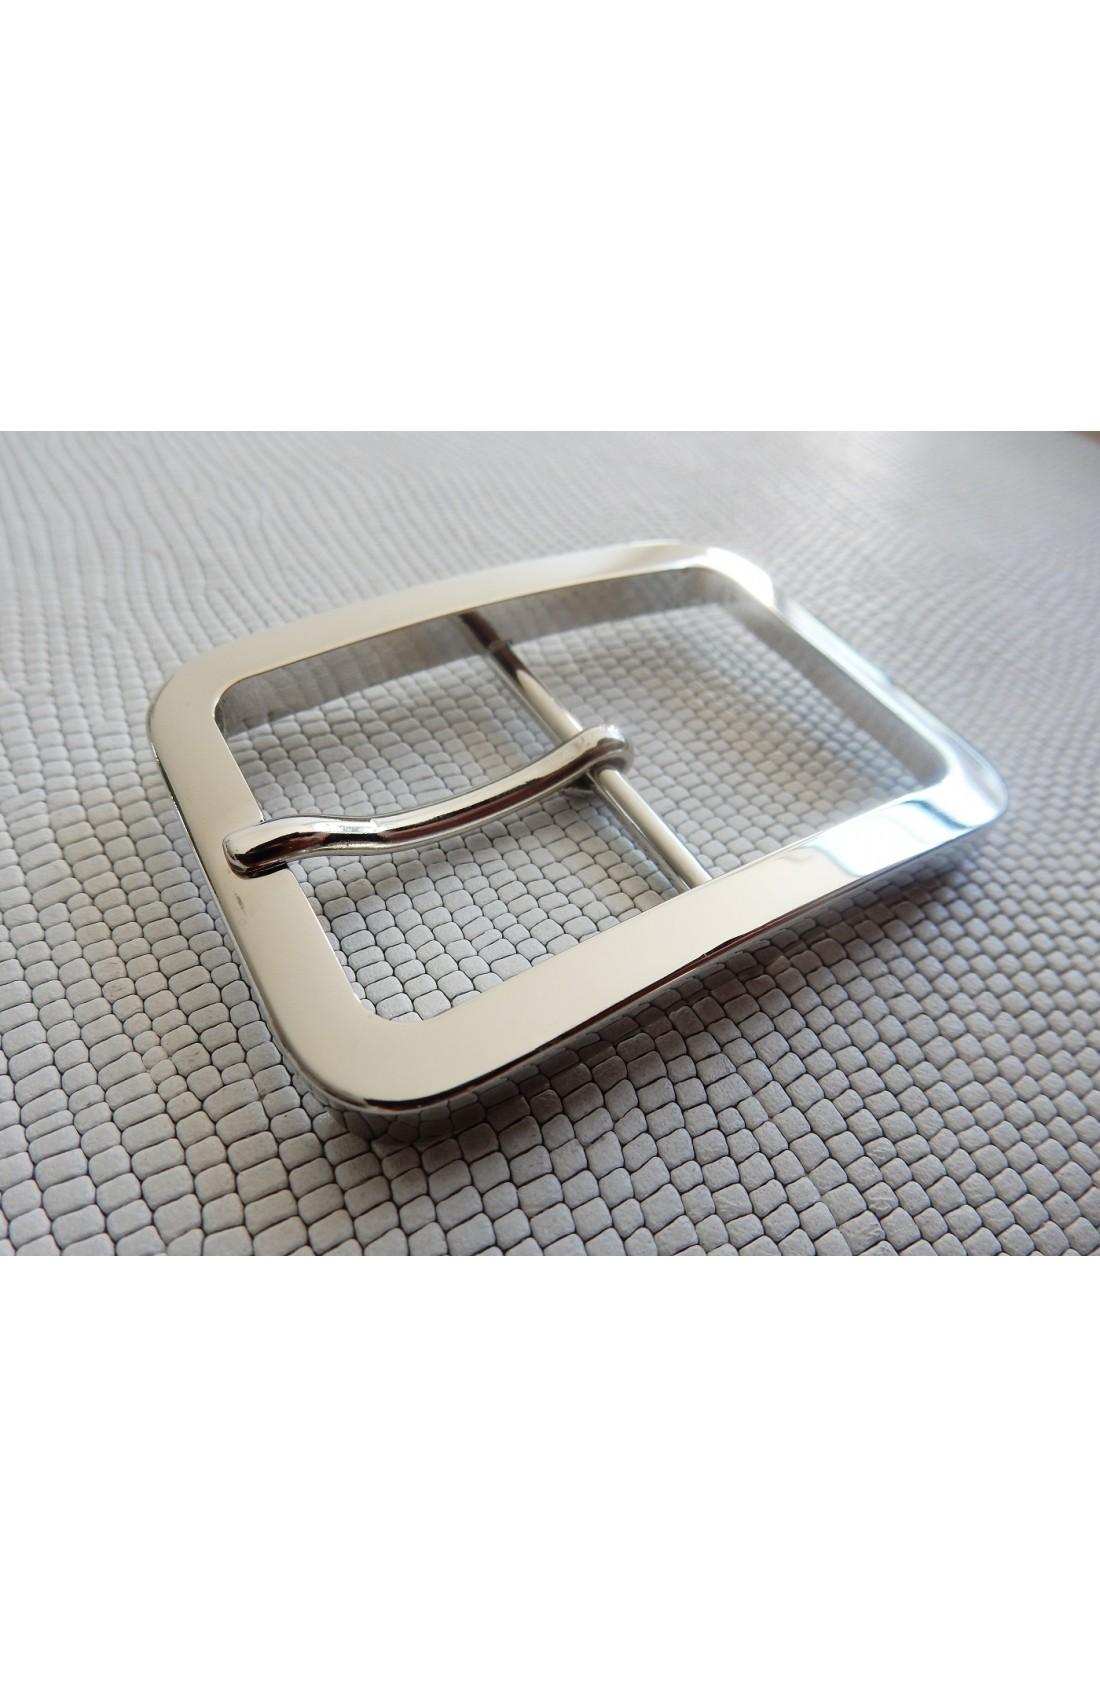 Fibbia Standard N 21 mm.35 nikel free (3)